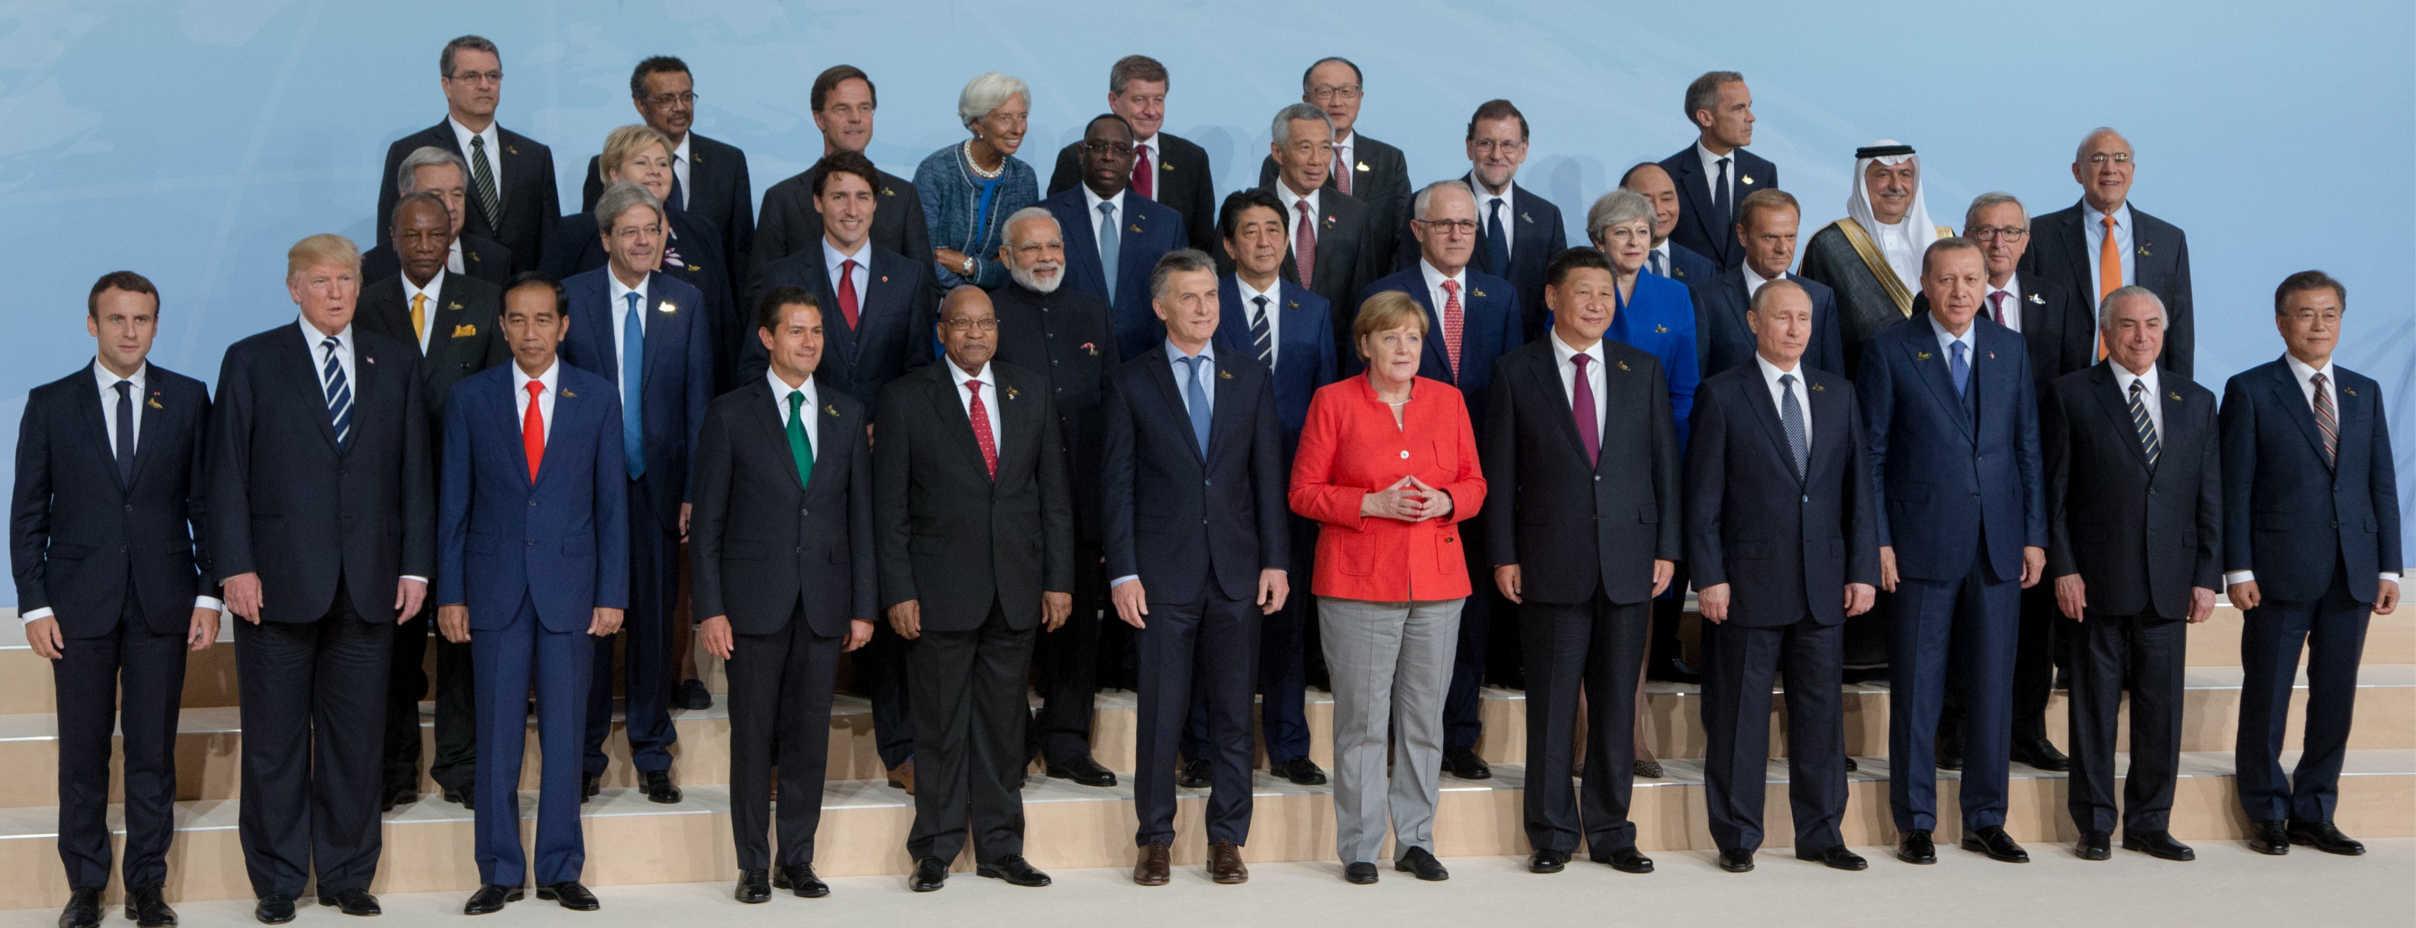 Relatório para o G20 aborda pontos importantes para as criptomoedas – Veja quais